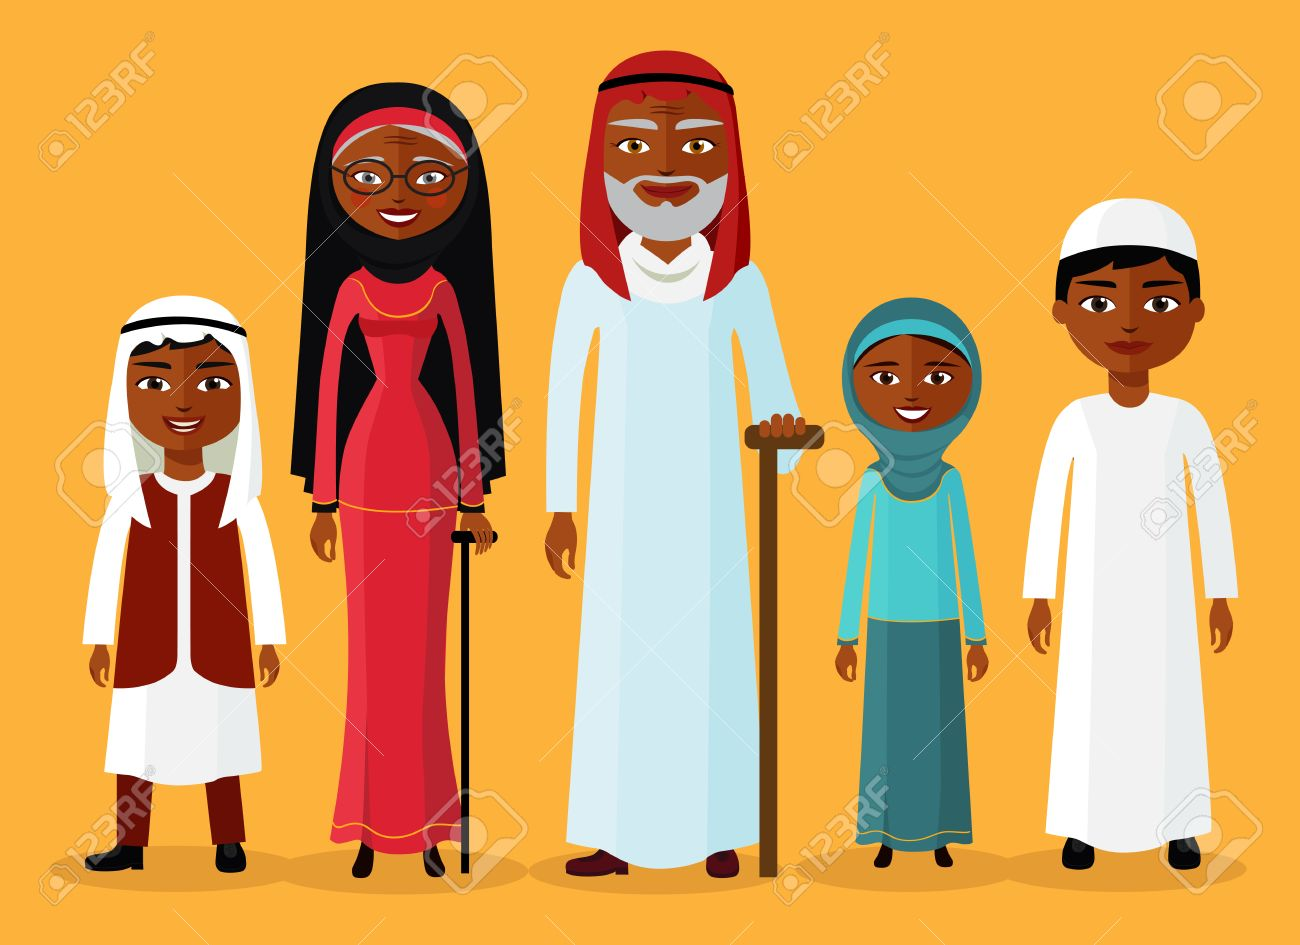 Petit Fils Arabe Petite Fille Grand Mère Et Grand Père Debout Ensemble Et Sourire Musulman Dessin Animé Famille Vecteur De Caractères